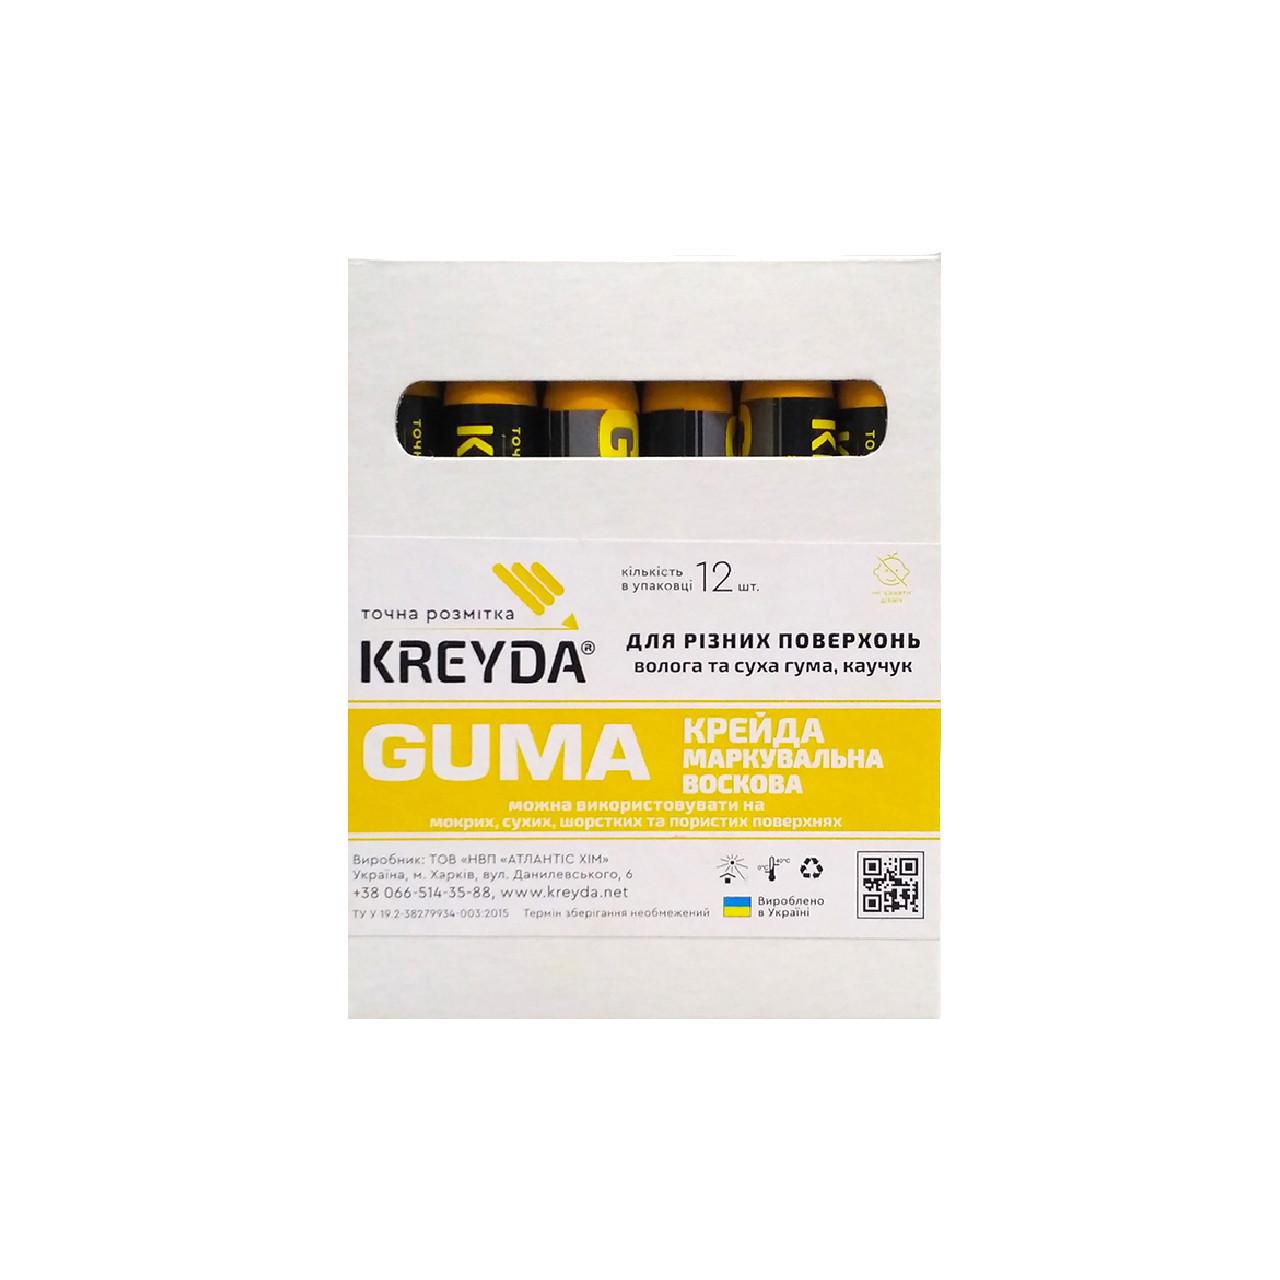 Восковой мел для шиномонтажа (желтый) GUMA